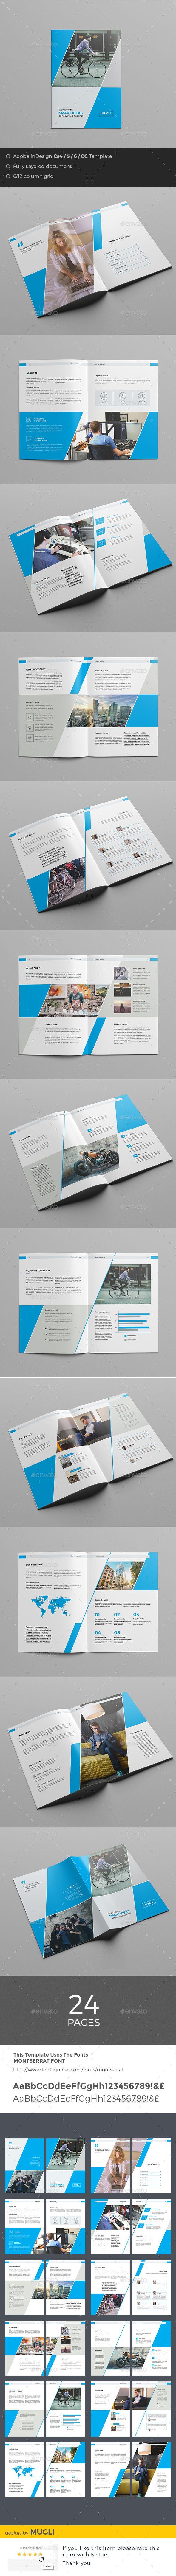 Corporate Brochure | Folletos, Moderno y Folleto corporativo